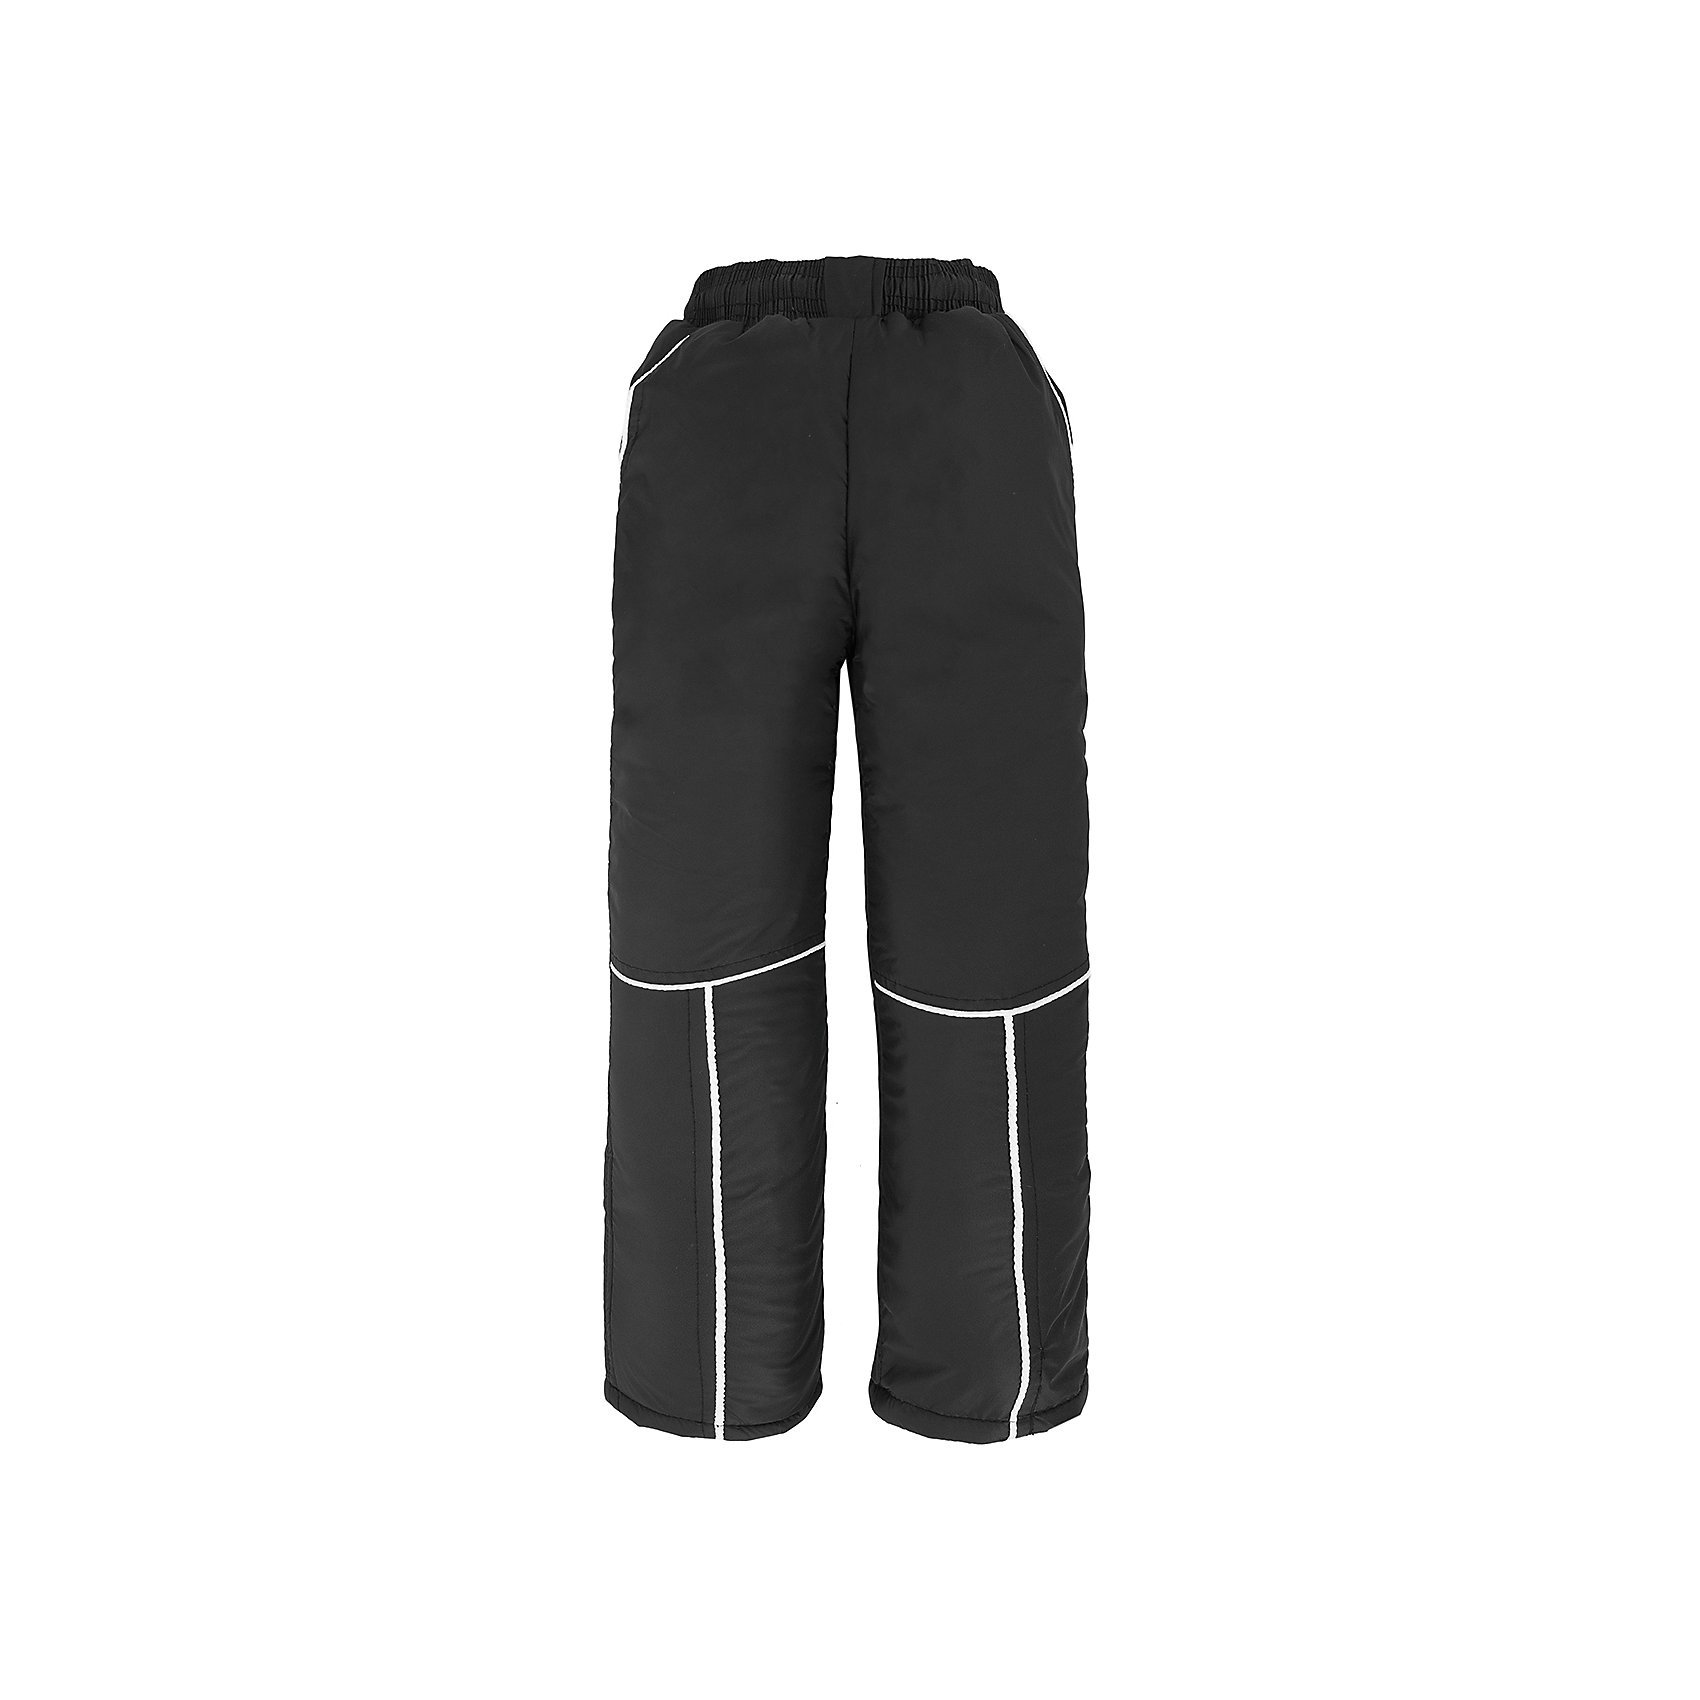 Брюки для мальчика DAUBERВерхняя одежда<br>Брюки для мальчика Dauber<br>Брюки для мальчика, на синтепоне. Высококачественный синтетический наполнитель 200гр/м?, который прекрасно сохраняет форму и восстанавливает её после любой деформации, влагоустойчив. Температурный режим: от +10 до-20 градусов. Брюки обеспечат тепло и уют, защитив ребёнка от холода и промокания. Грязеотталкивающие и за ними легко ухаживать. Изготовлены из быстросохнущего материала. <br>Состав: 100% полиэстер<br><br>Ширина мм: 215<br>Глубина мм: 88<br>Высота мм: 191<br>Вес г: 336<br>Цвет: черный<br>Возраст от месяцев: 24<br>Возраст до месяцев: 36<br>Пол: Мужской<br>Возраст: Детский<br>Размер: 98,104,116,110<br>SKU: 4862266